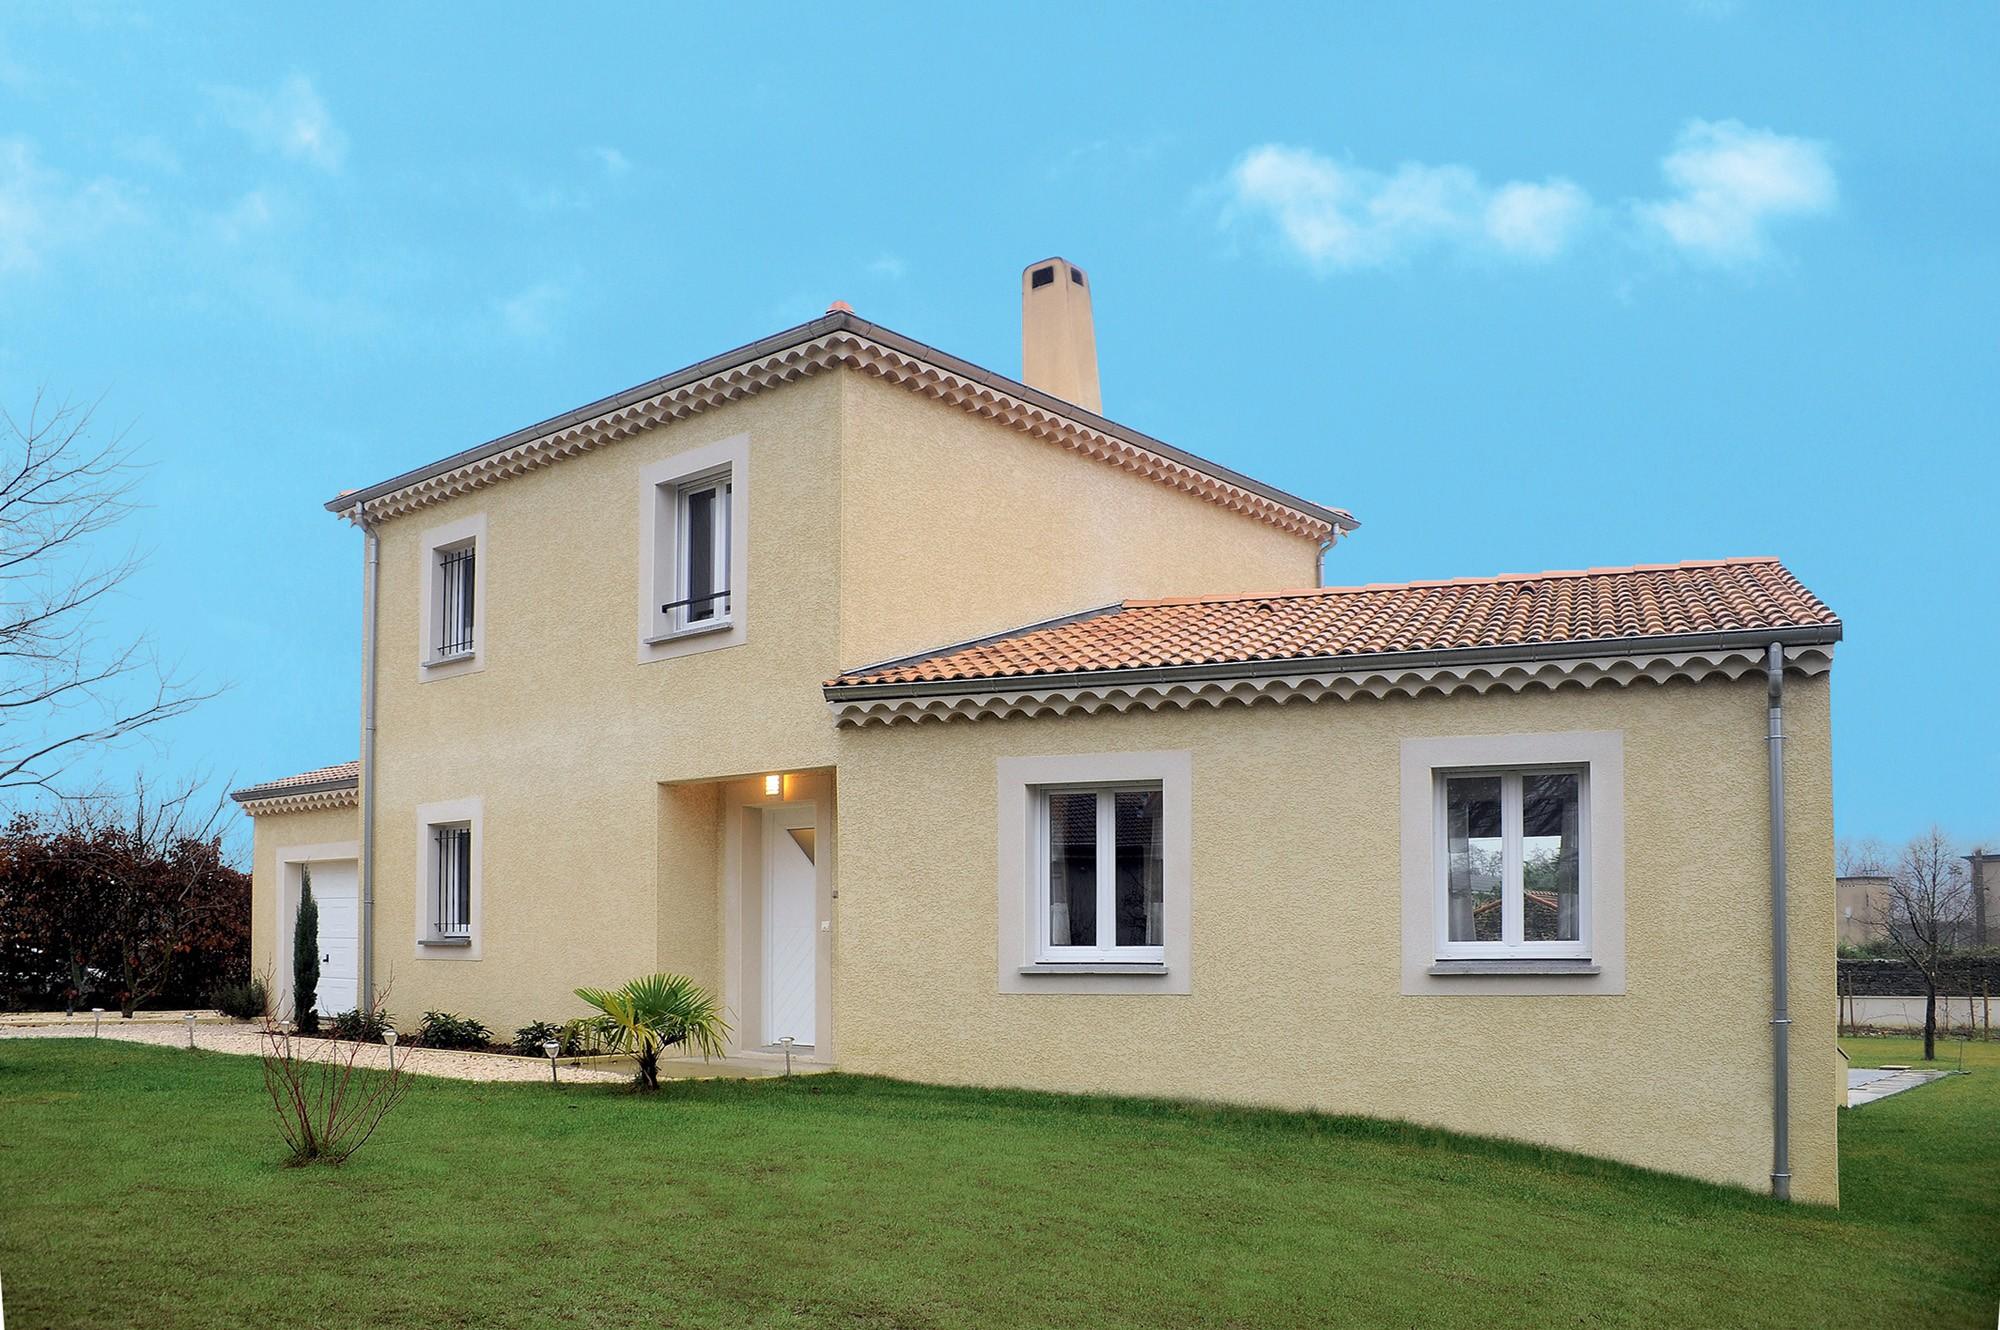 Maisons + Terrains du constructeur Maison Familiale • 130 m² • AUBIGNY